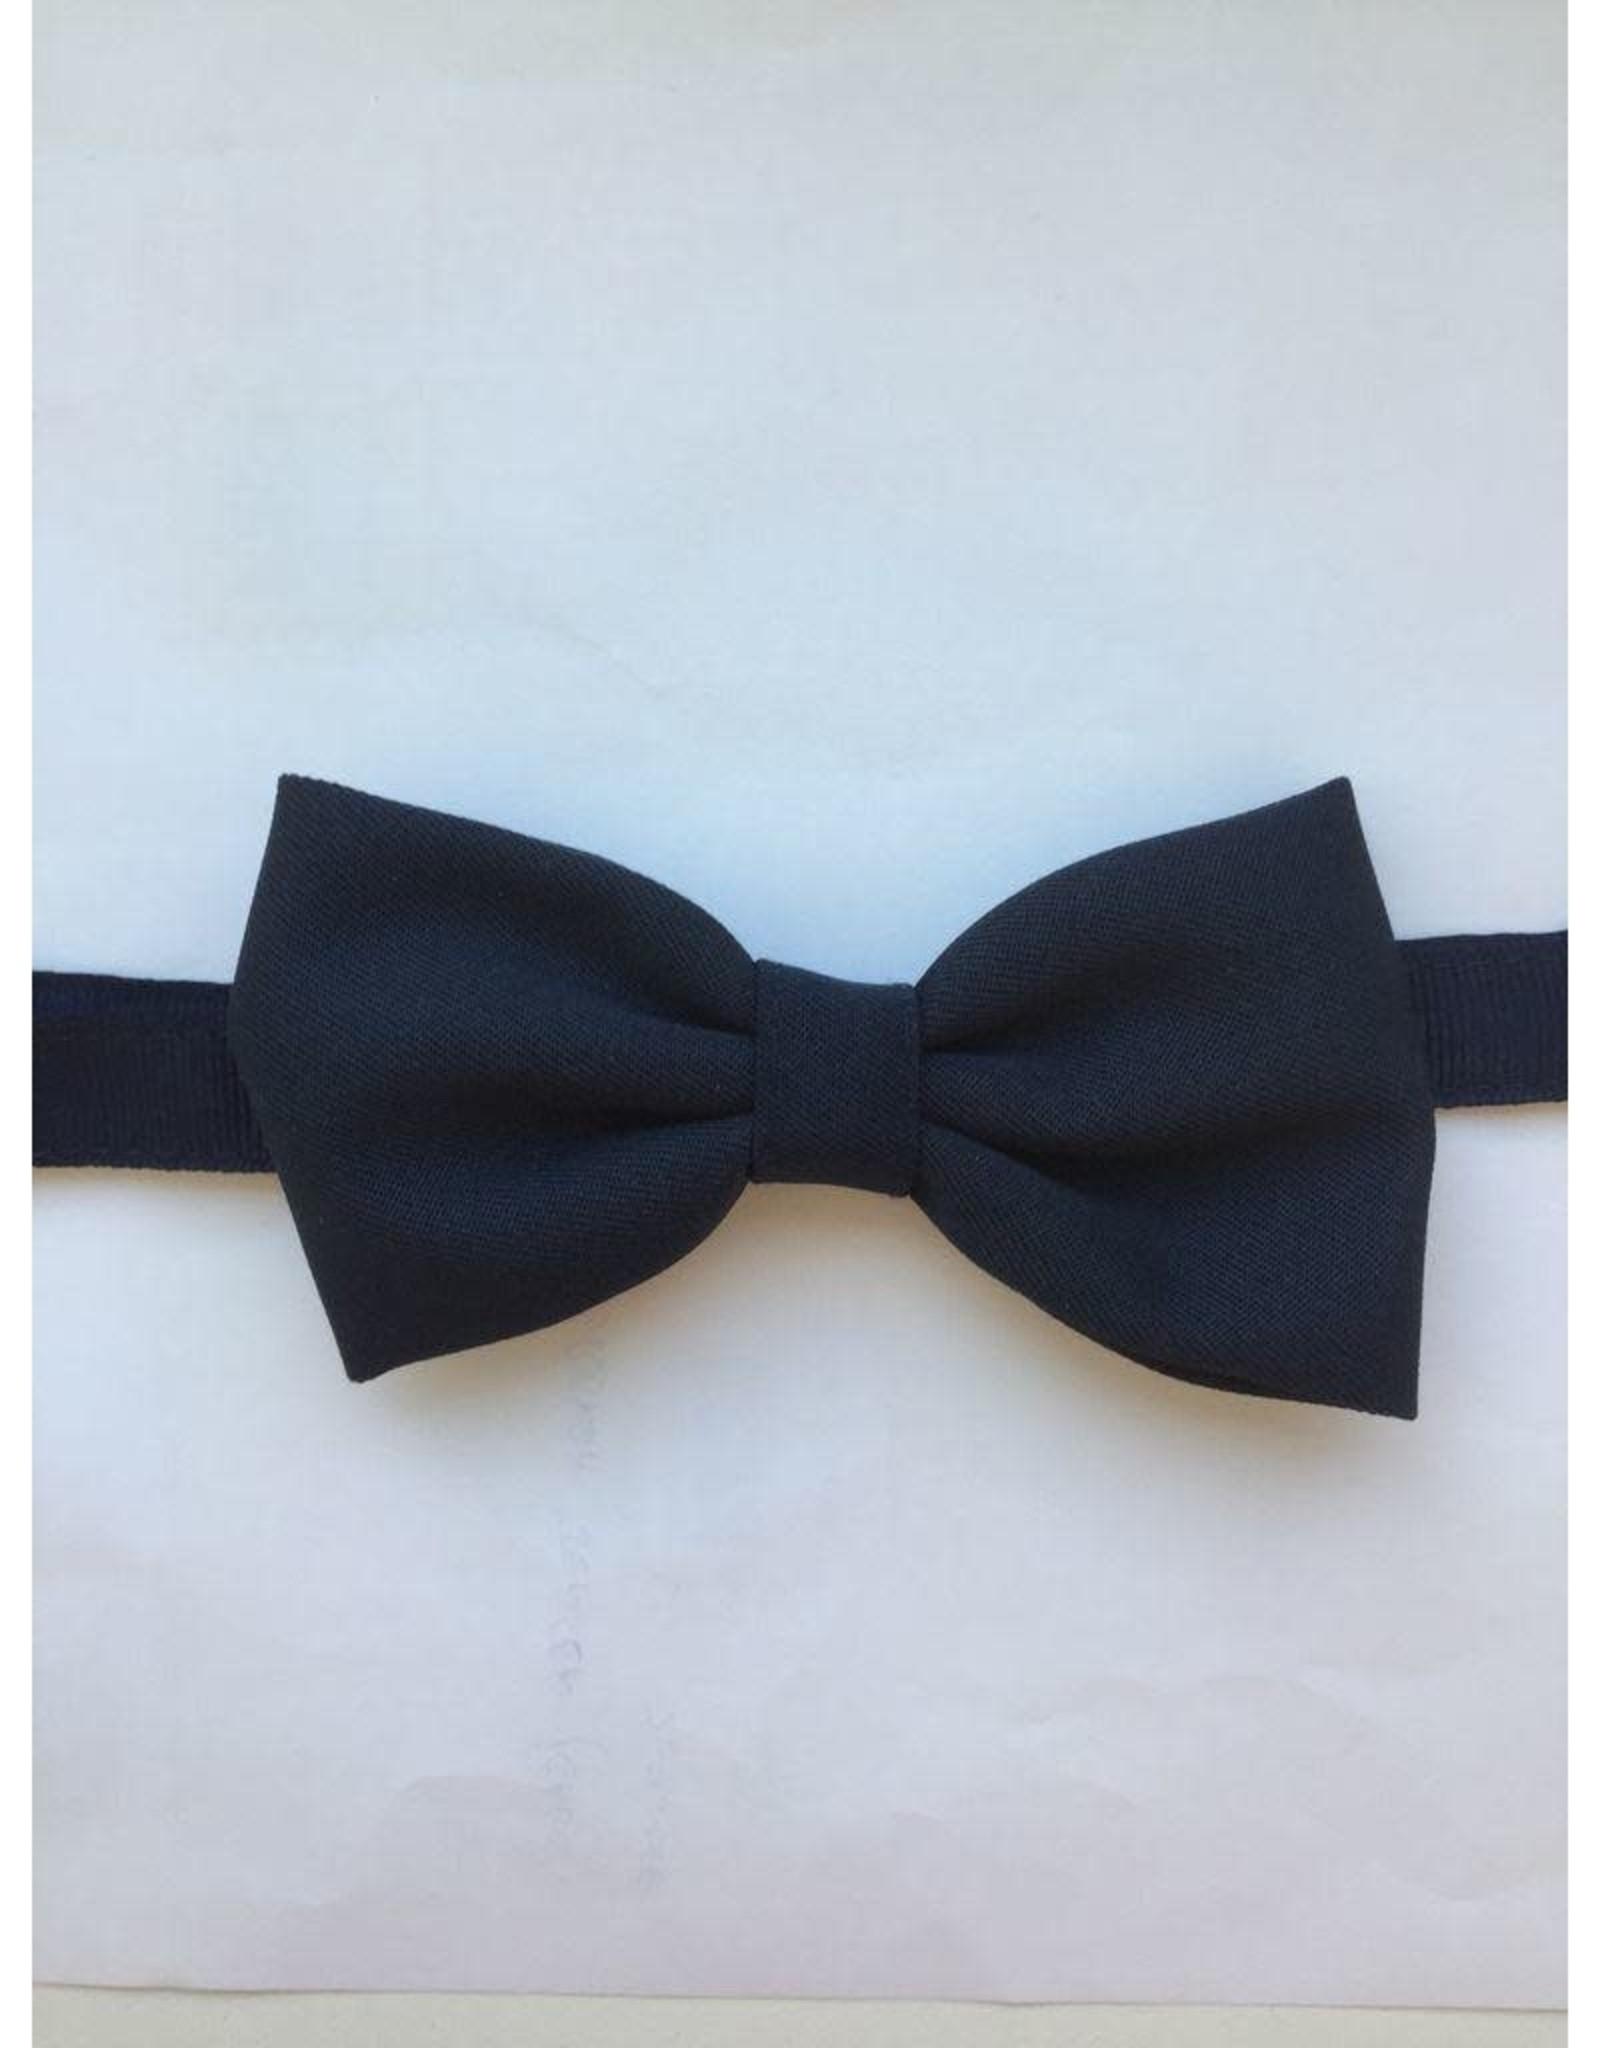 UNIFORM Navy Bow Tie w/adjustable neck strap